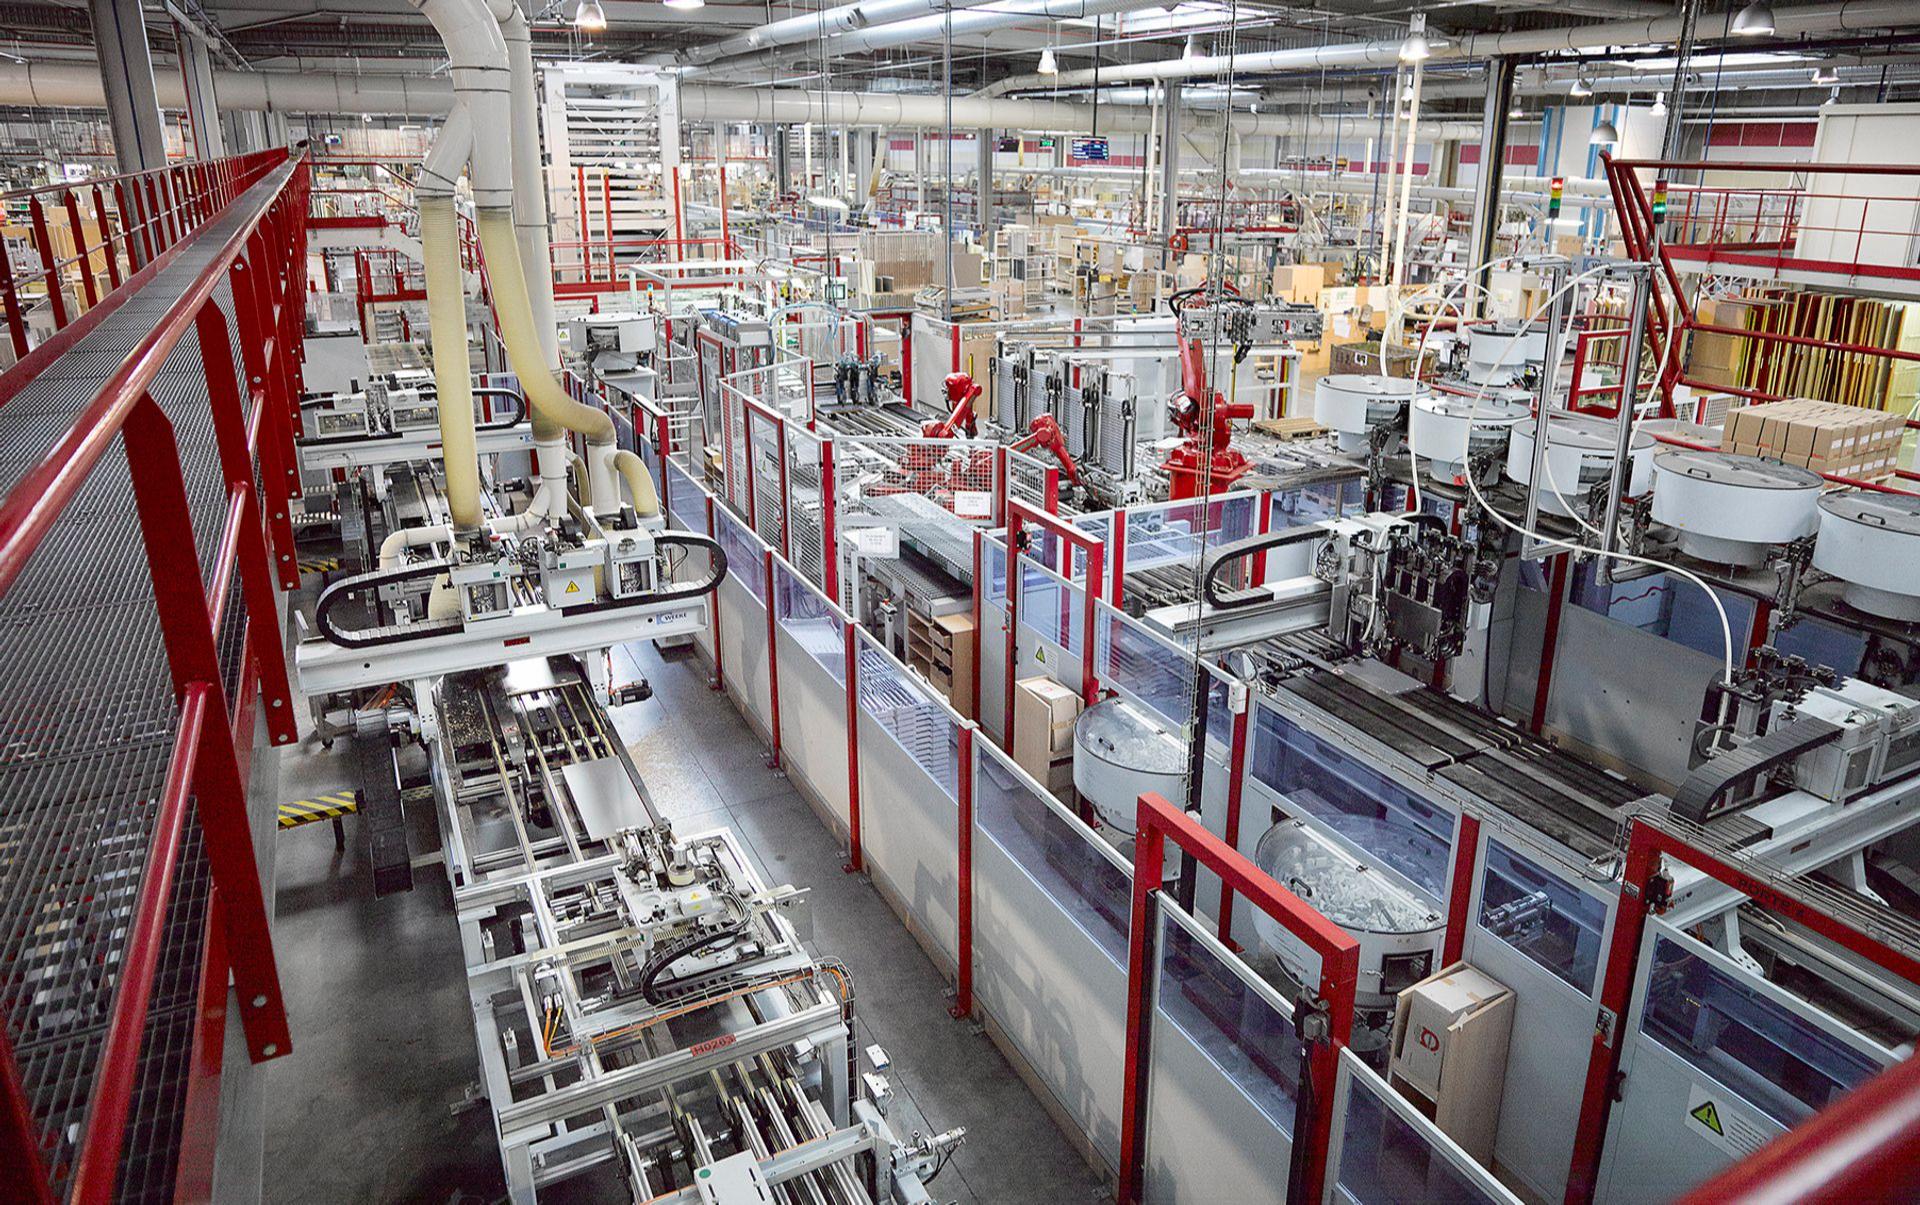 Küchenstudio-Franchise-System: Schmidt Groupe baut Produktionskapazitäten aus